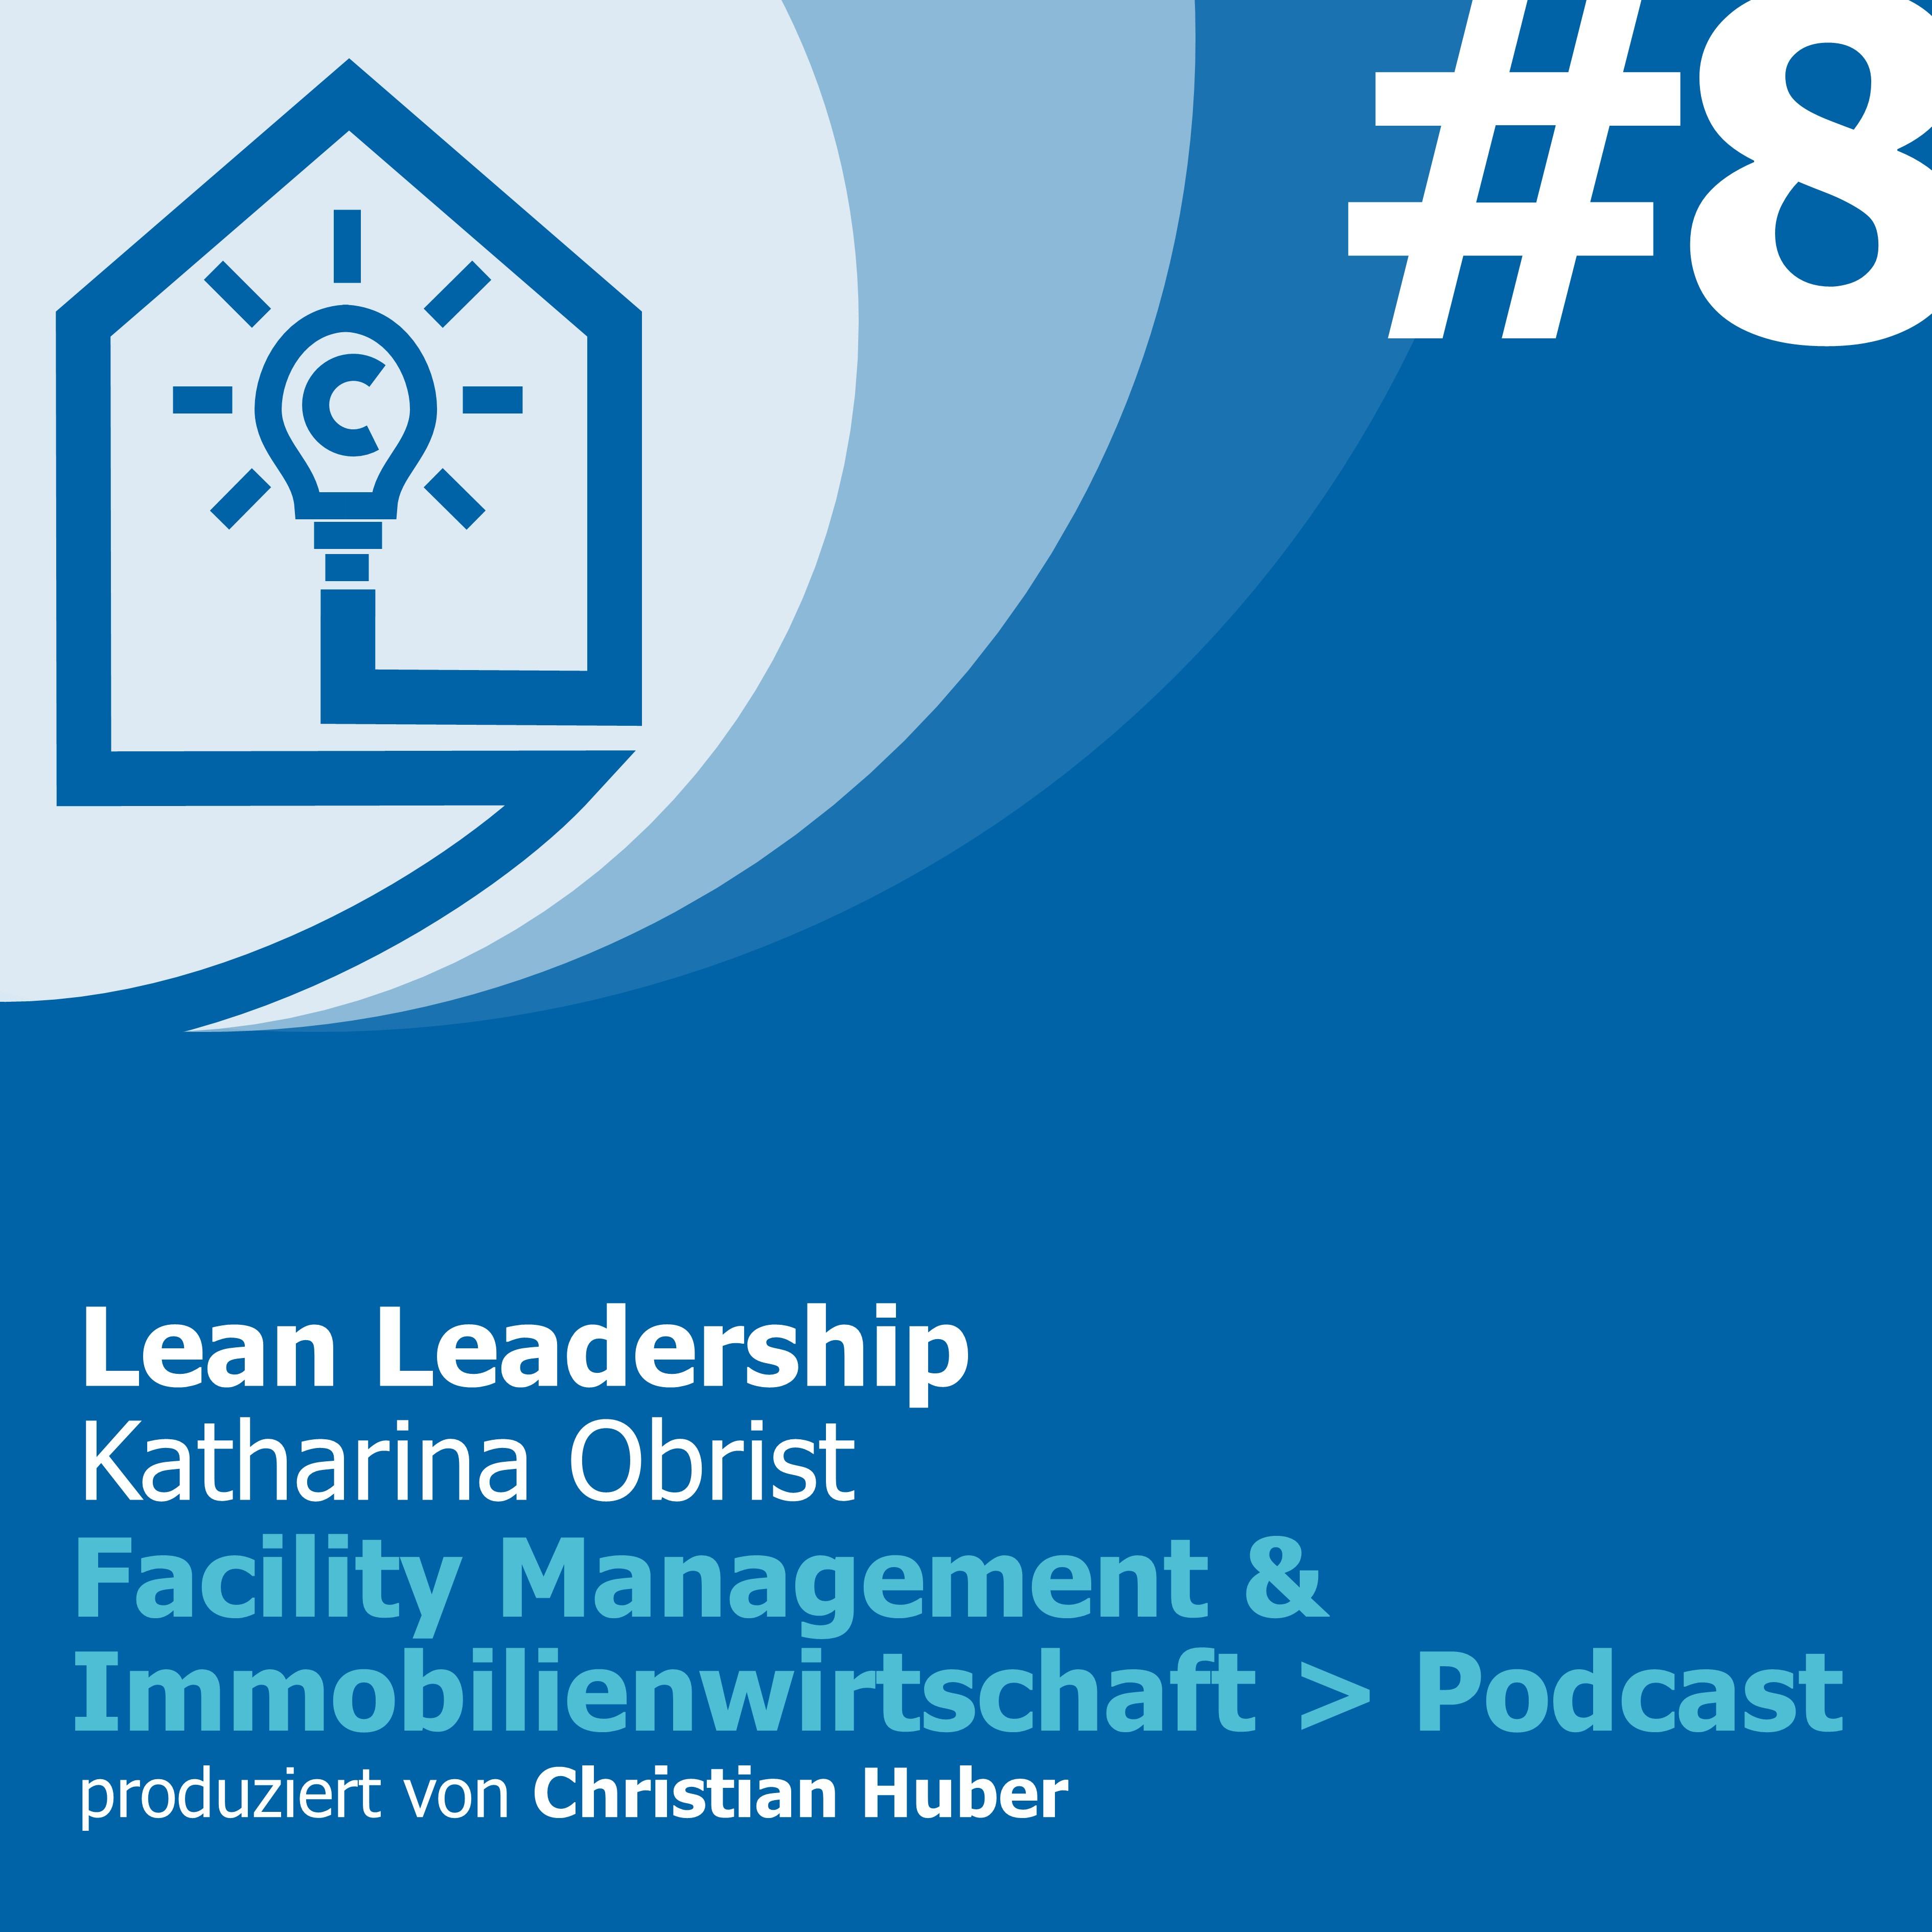 Episode 8 - Lean Leadership - die Auswirkungen von Lean Construction auf die Personalführung. Christian Huber im Gespräch mit Katharina Obrist